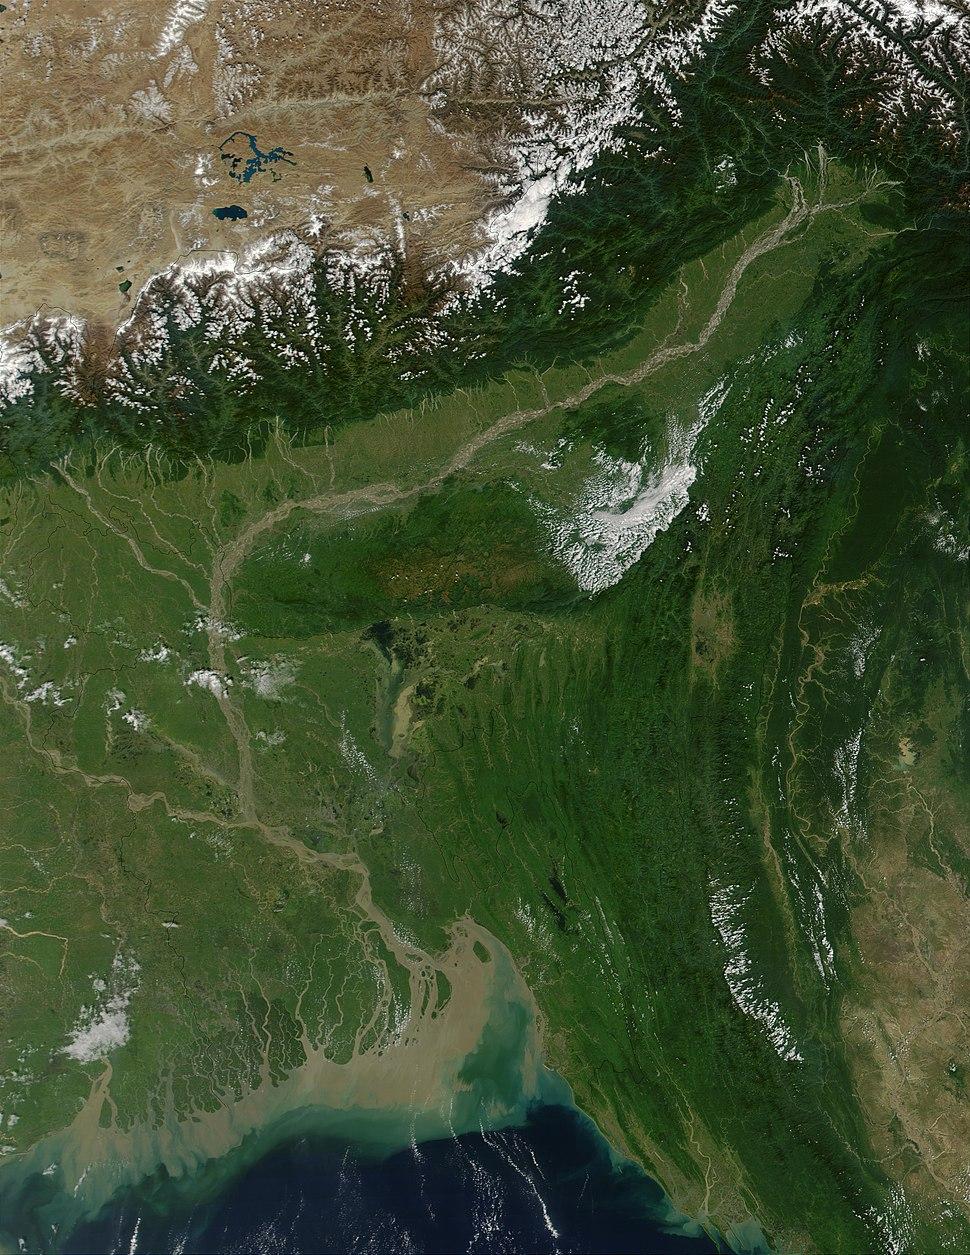 Ganges.A2001296.0425.1km